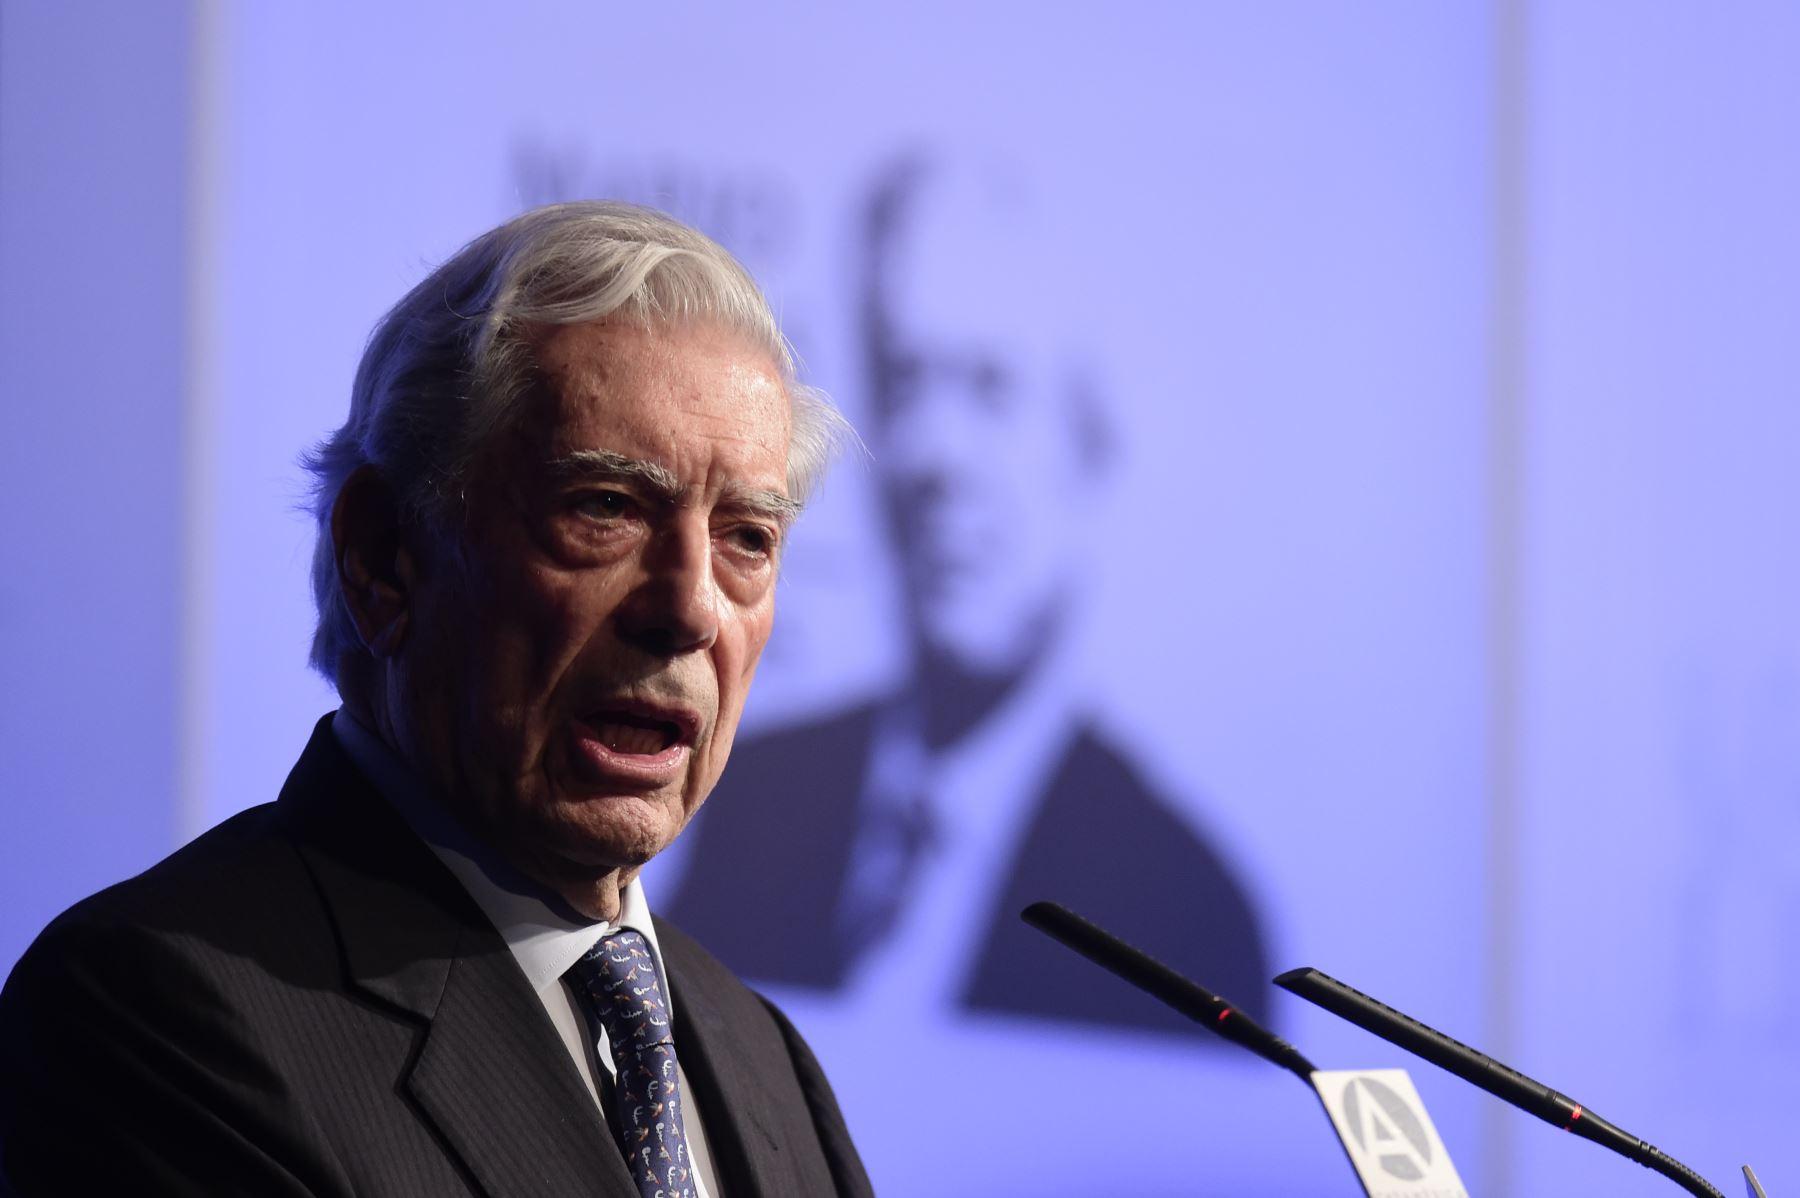 Mario Vargas Llosa AFP